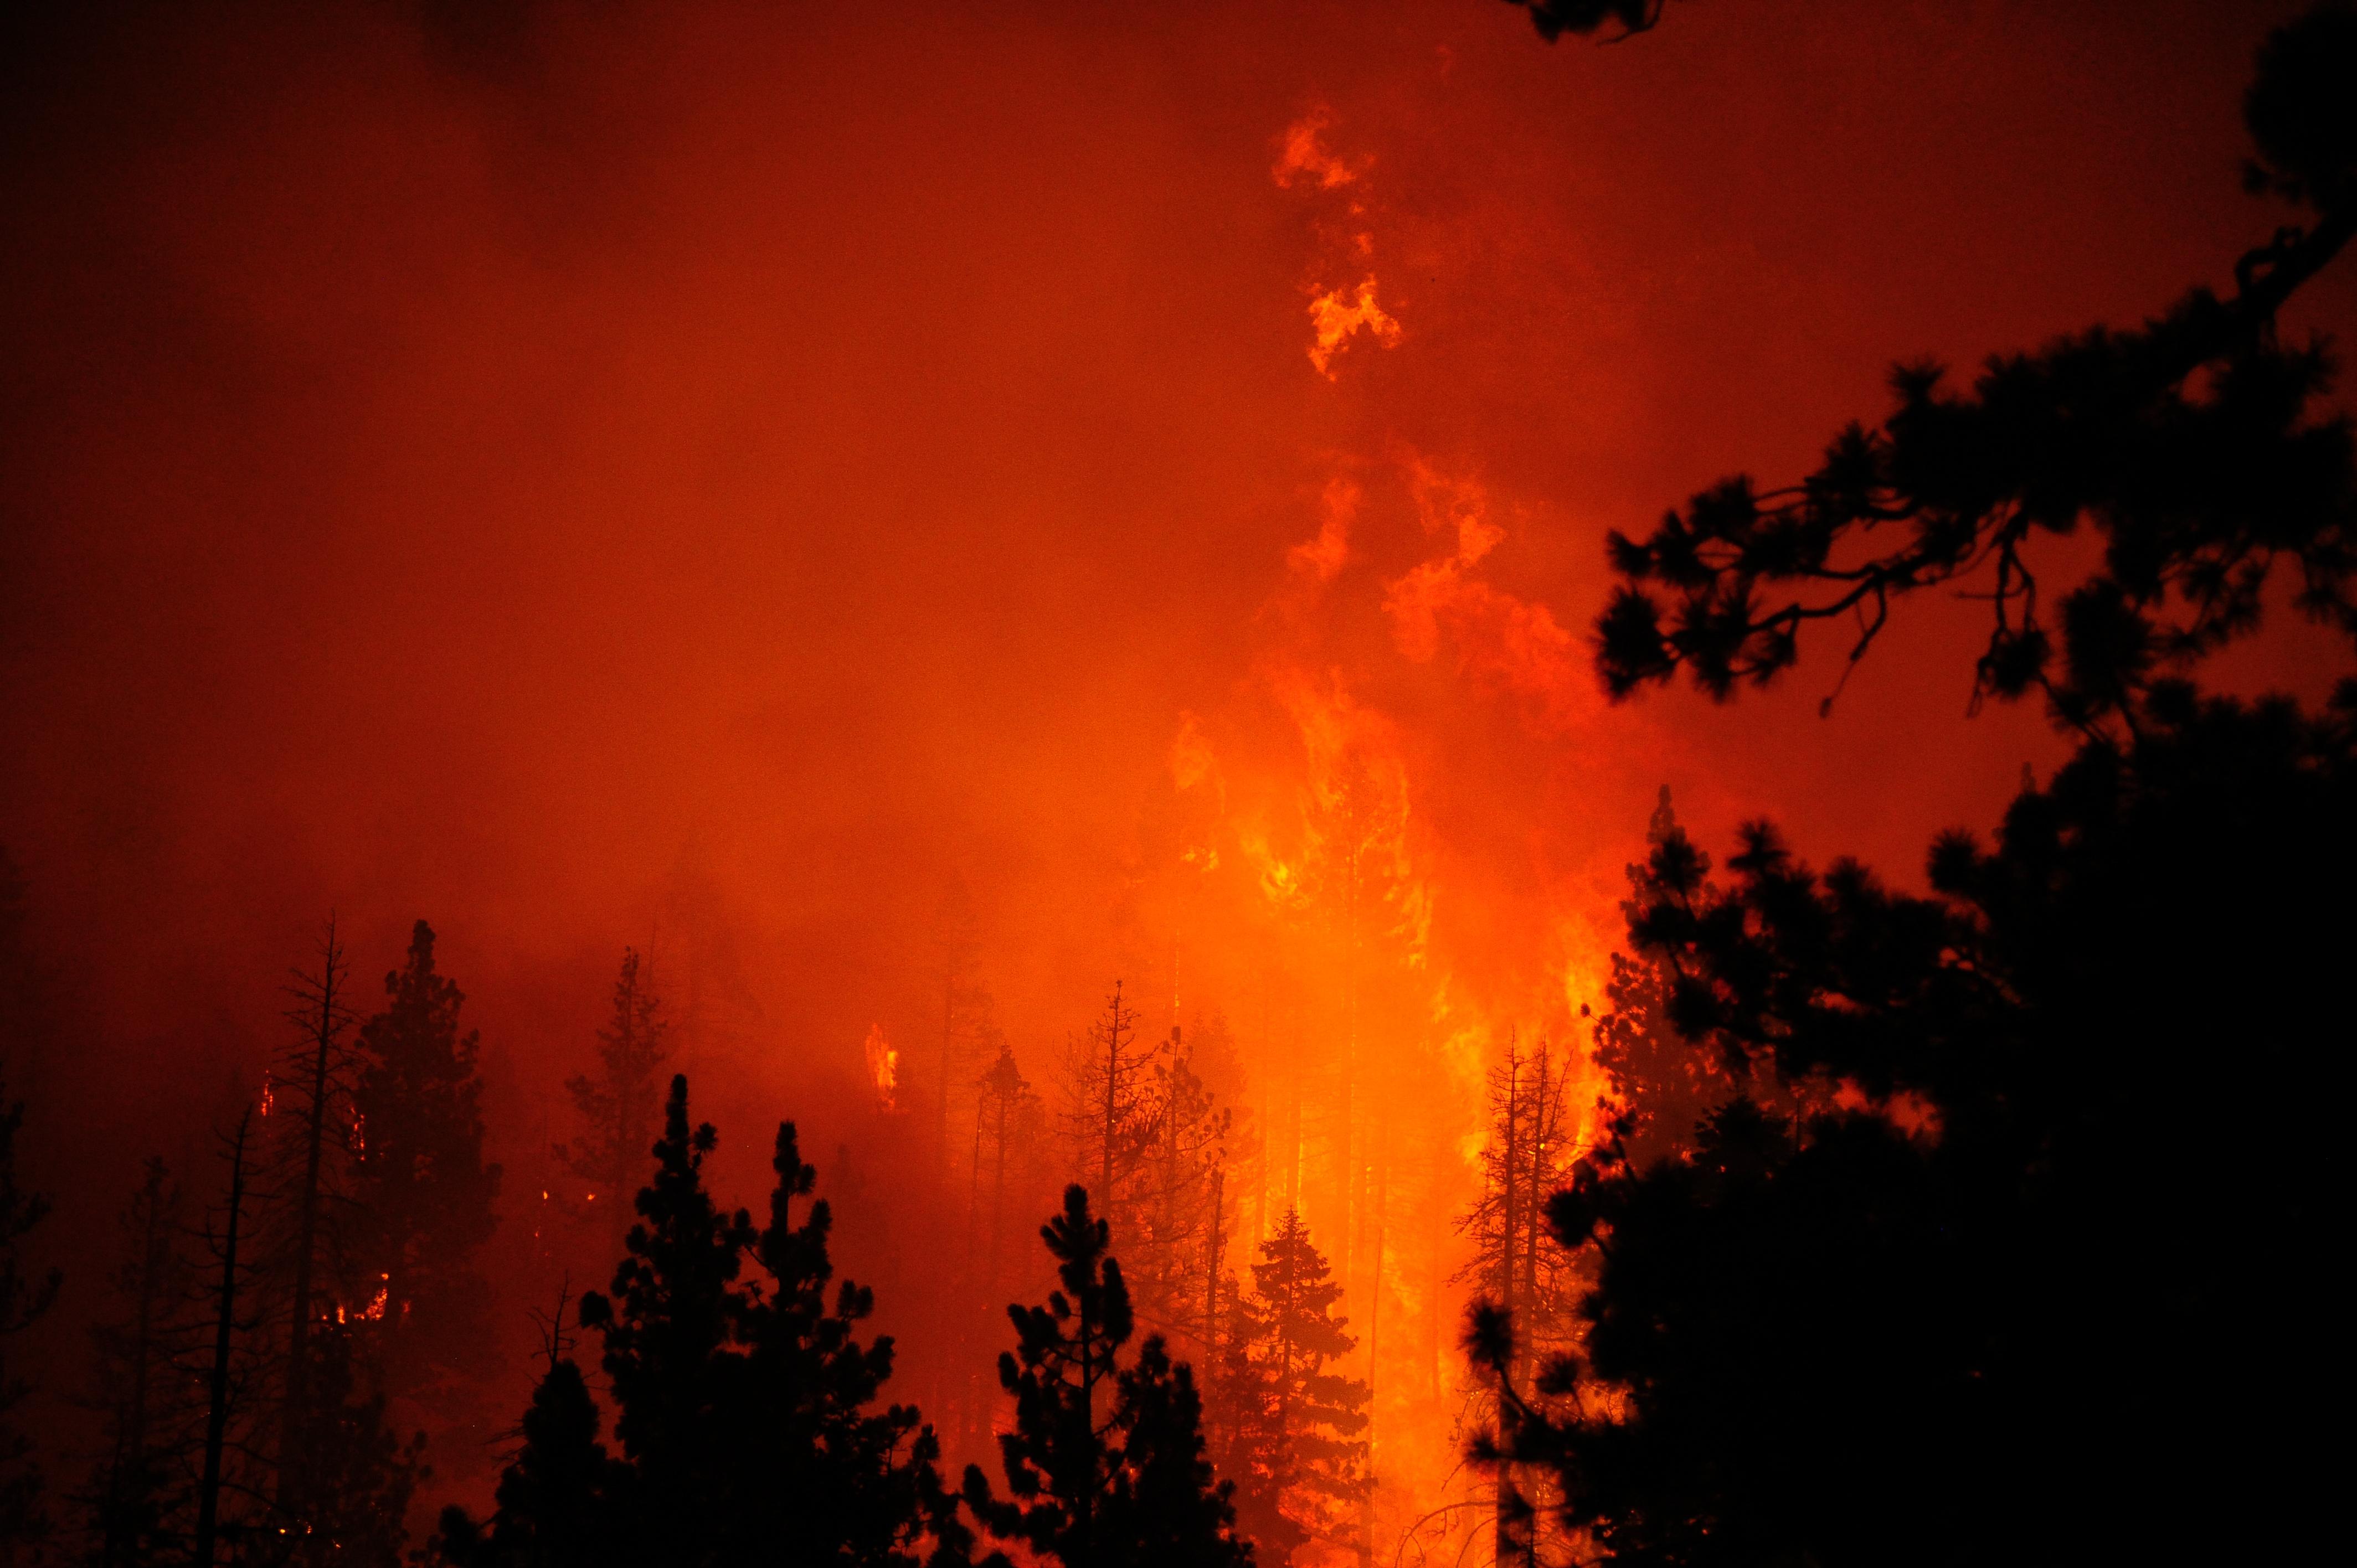 Erdőtűz miatt több tízezer embert telepítettek ki Kaliforniában